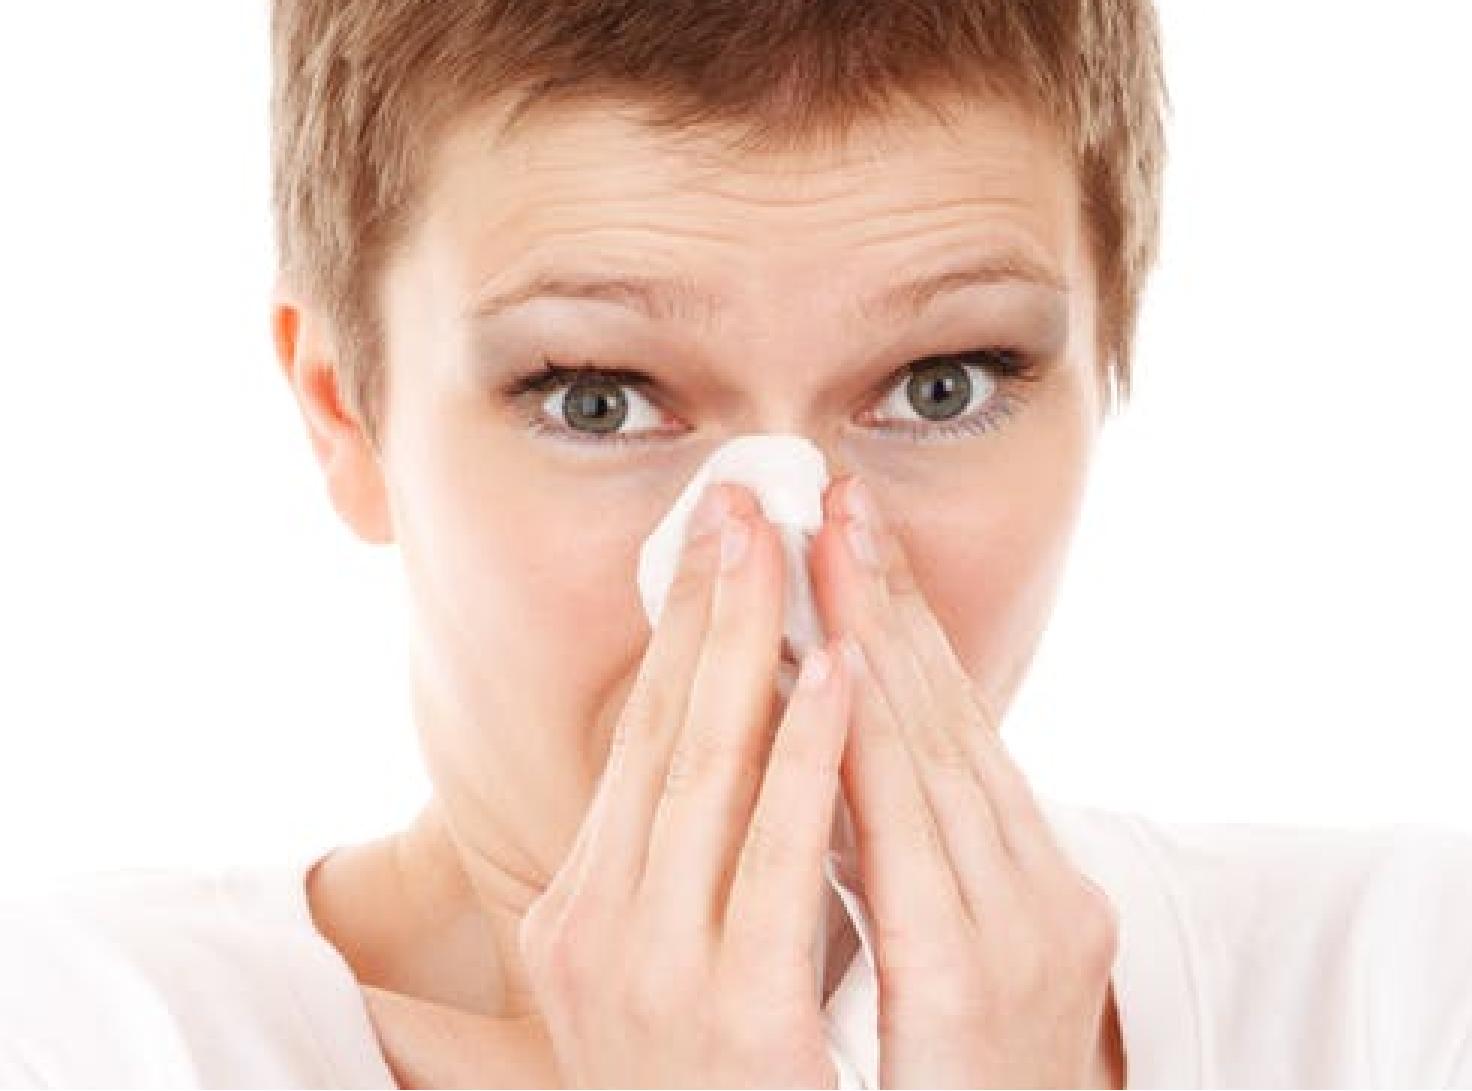 influenza immunity vegetarian malta